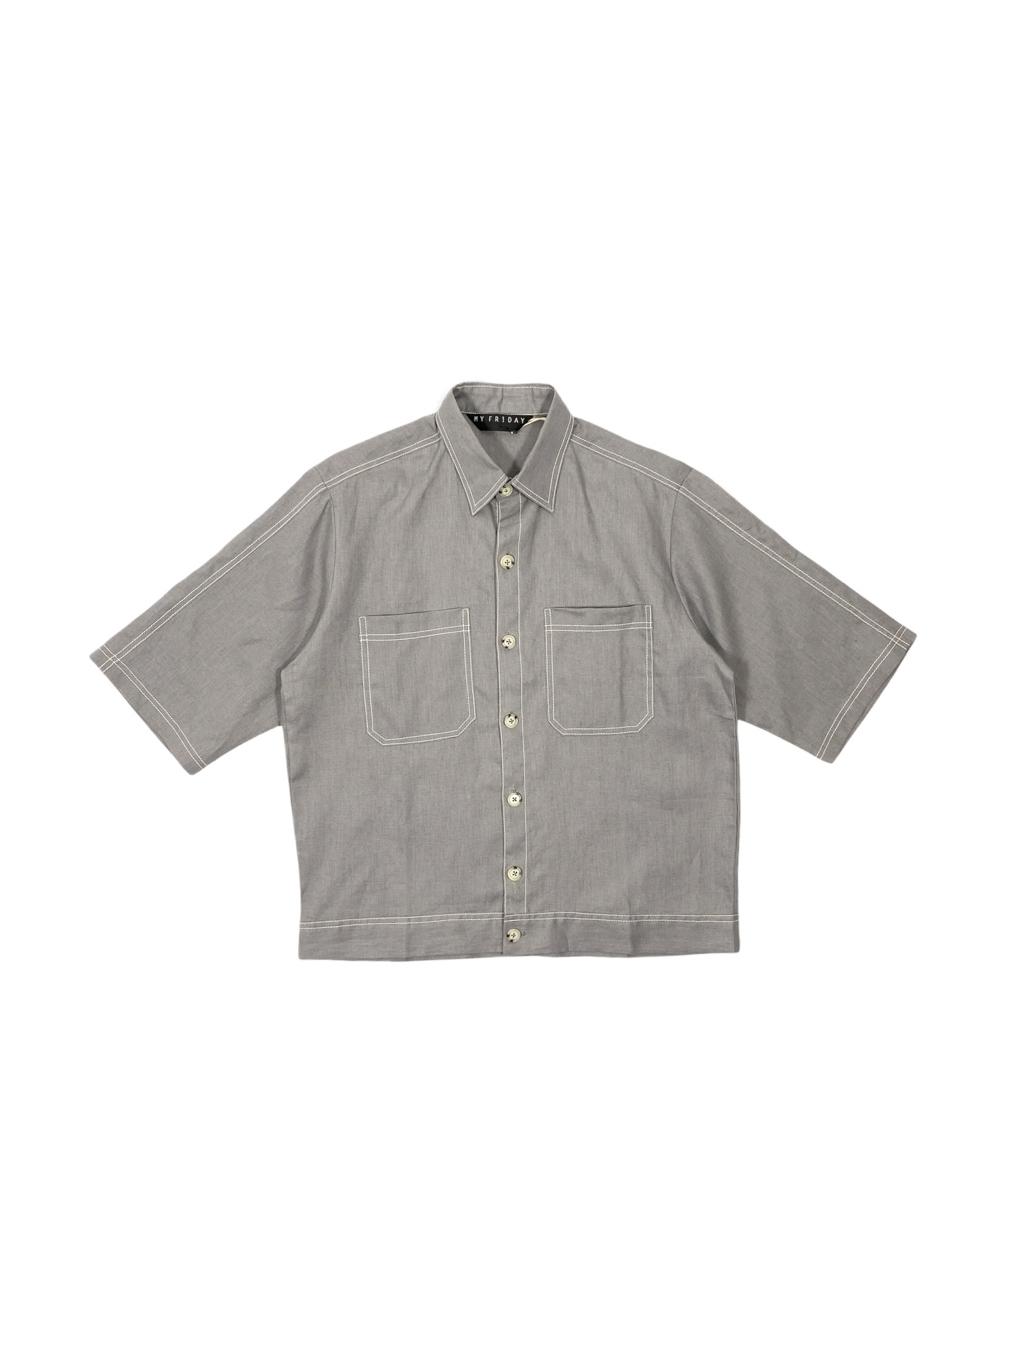 Short Sleeve Jacket (Gray)